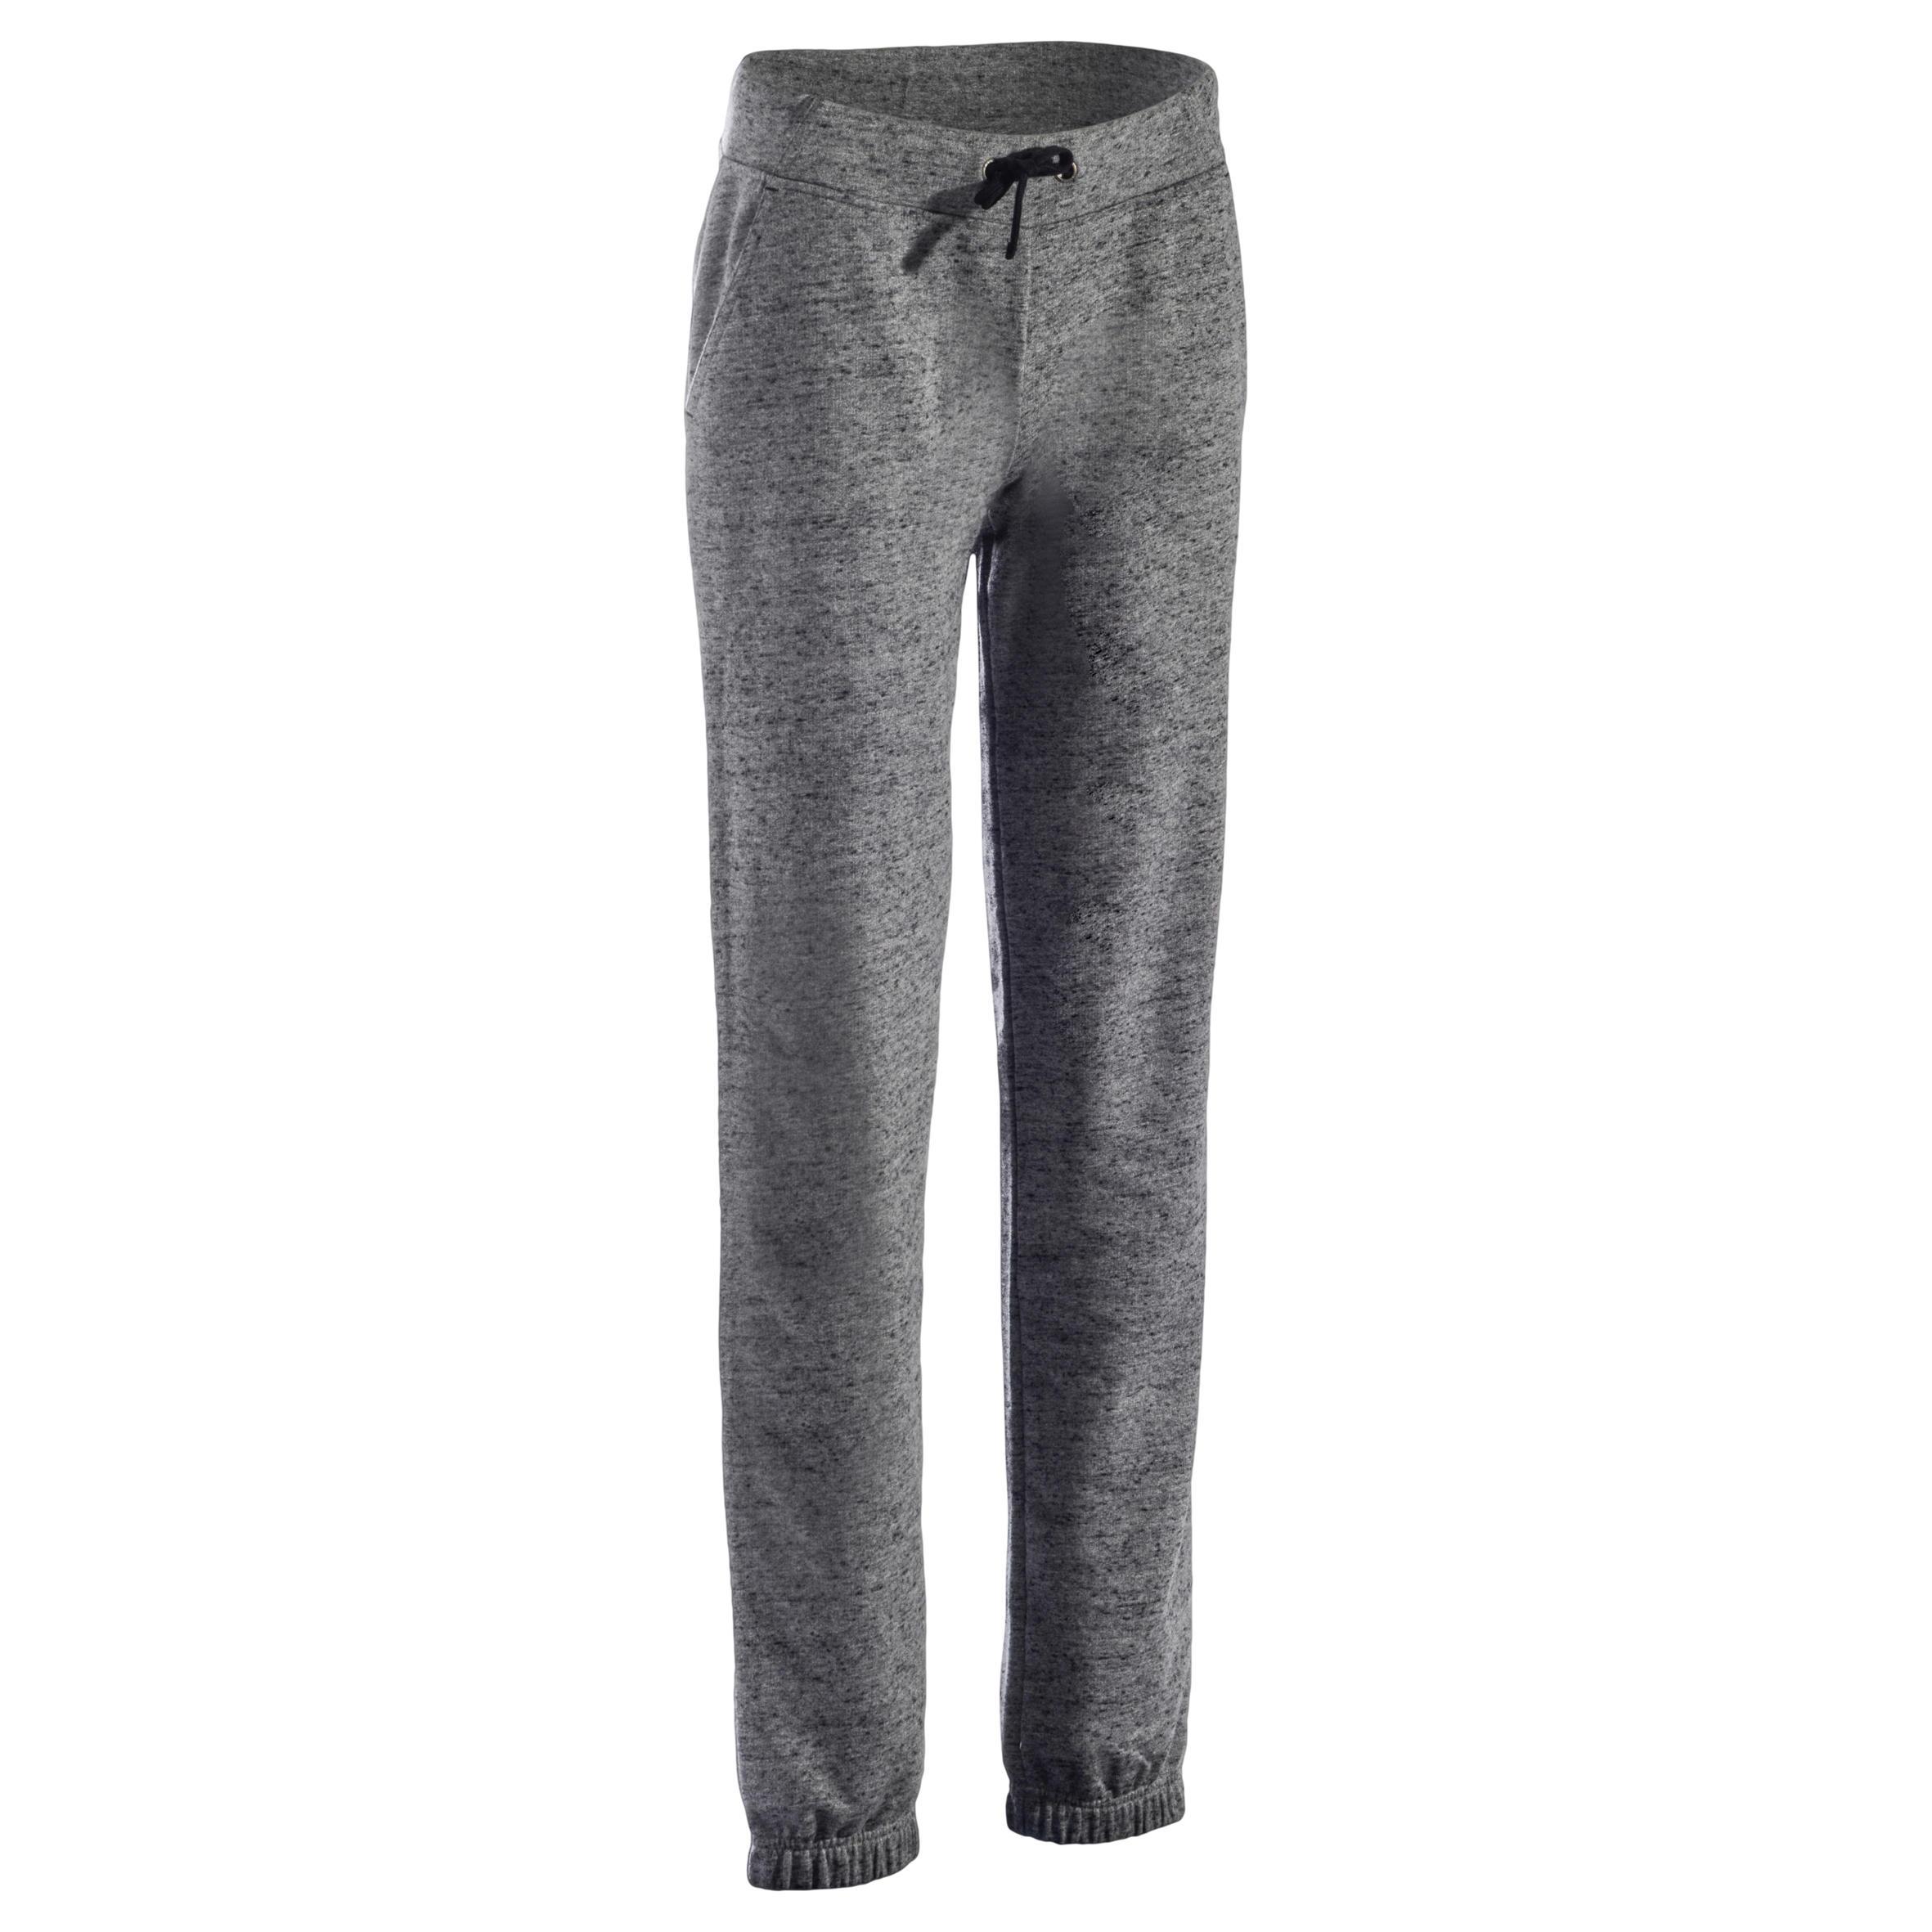 500 Women's Stretching Regular-Fit Bottoms - Dark Heathered Grey